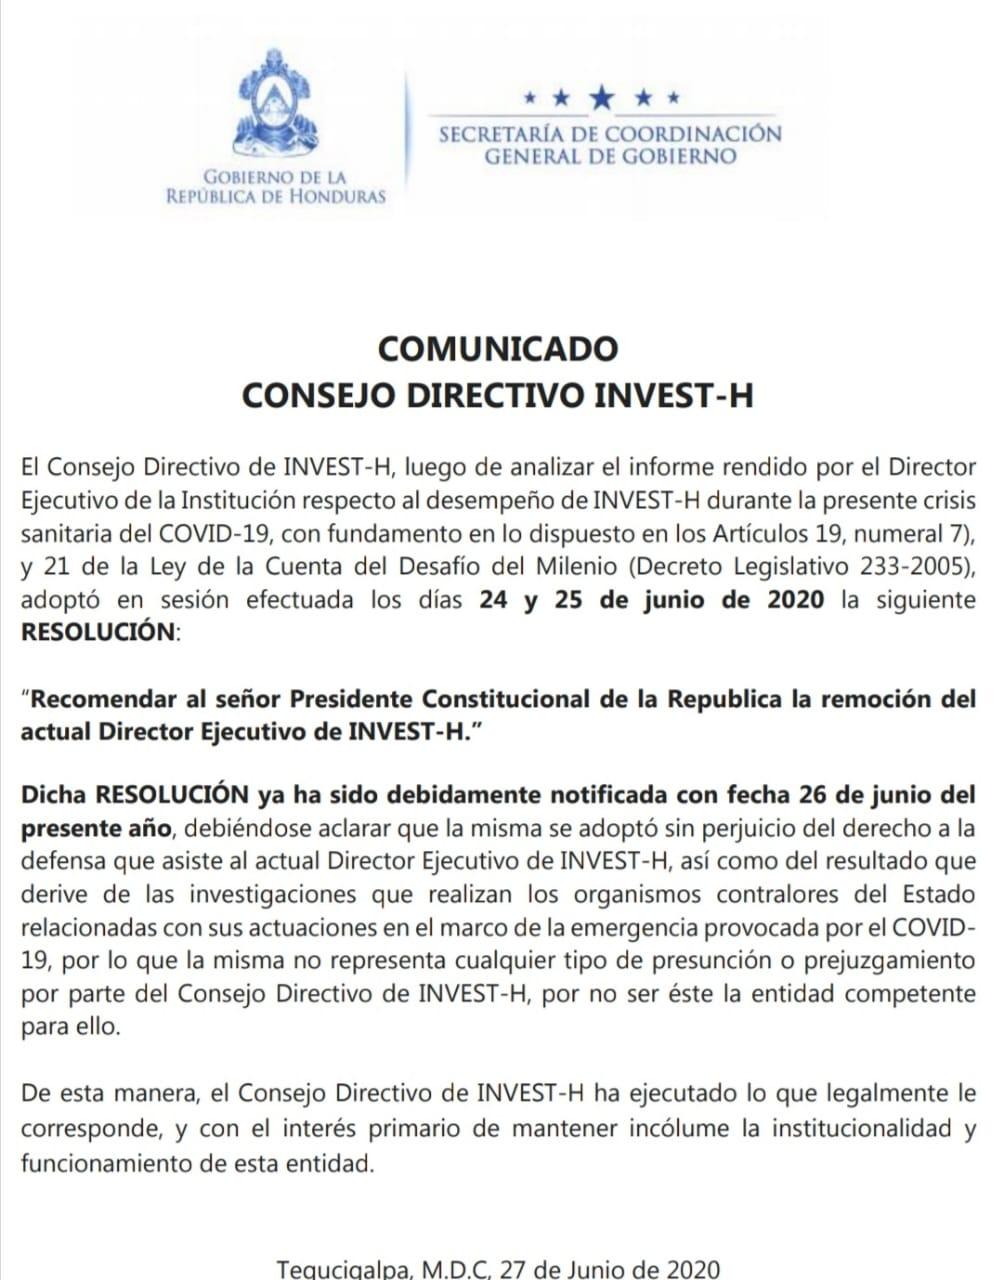 Consejo Directivo de Invest-H pidió al presidente remoción de Bográn